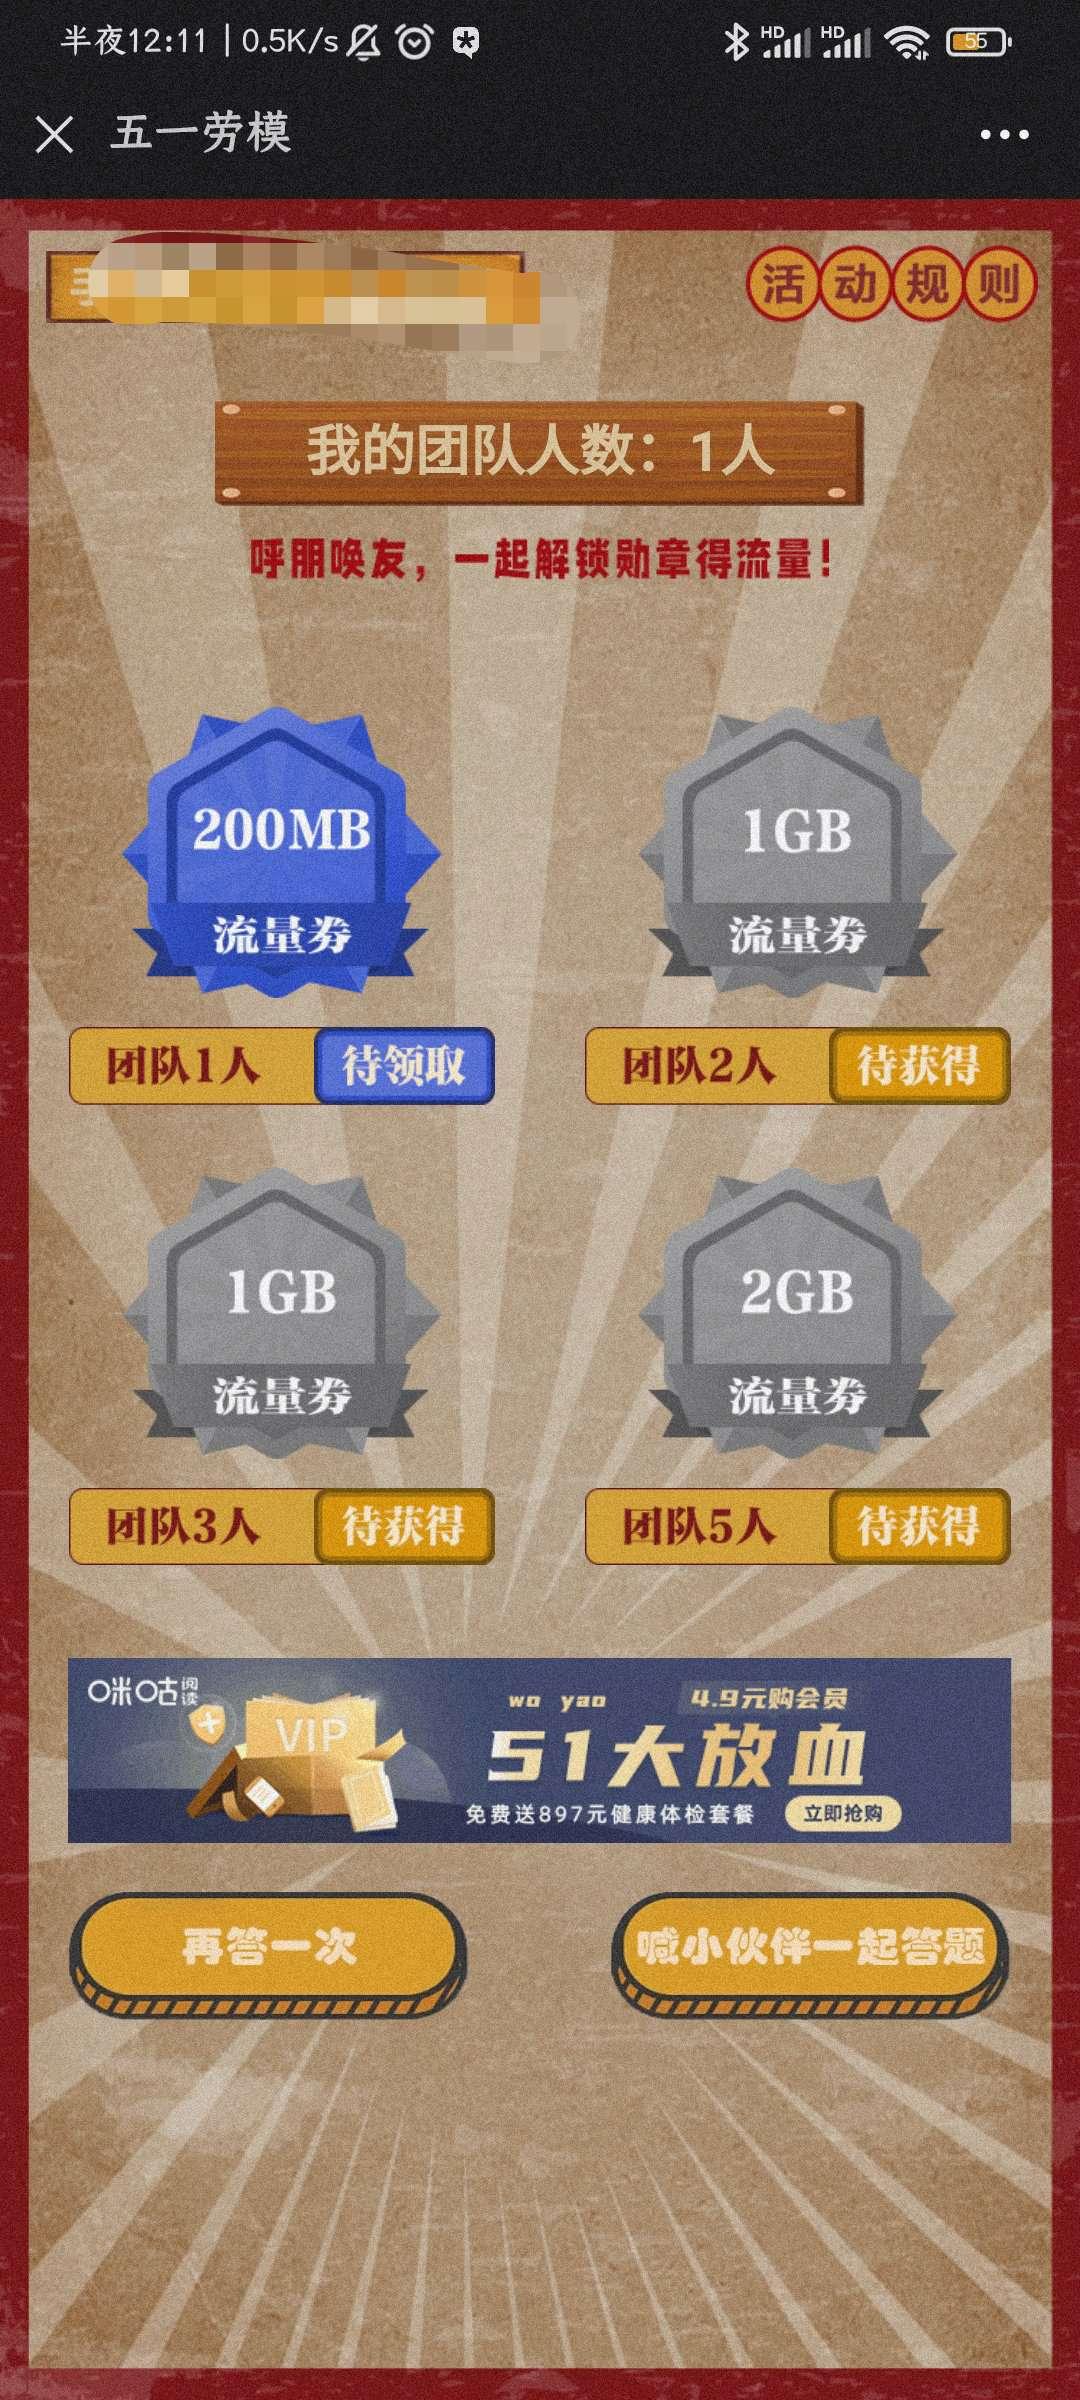 微信app移动和粉免费领取400M流量